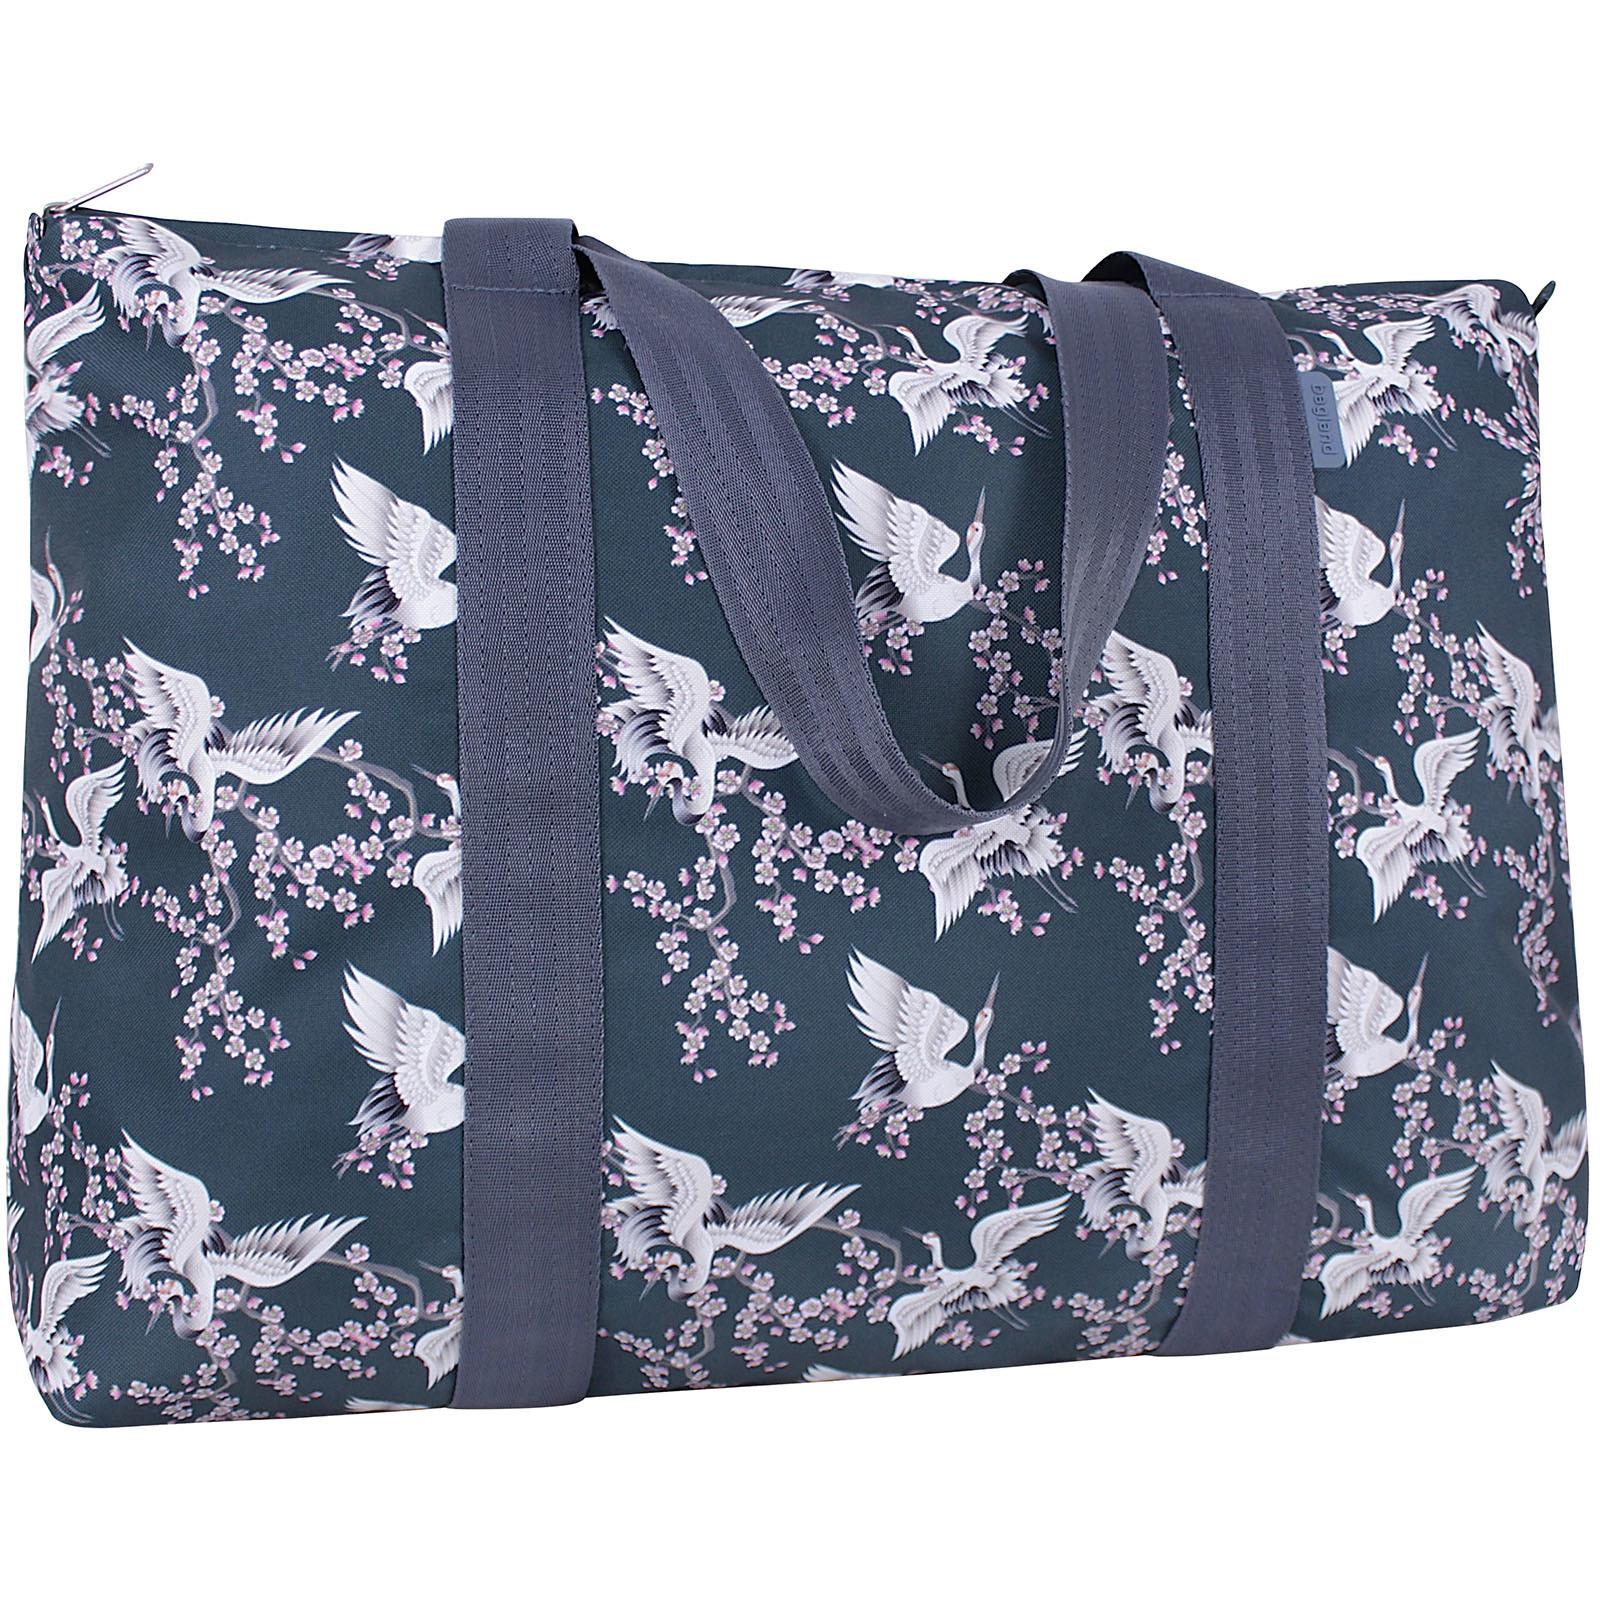 Дорожные сумки Сумка Bagland Anita 30 л. сублимация 794 (00731664) IMG_1518суб.794.JPG